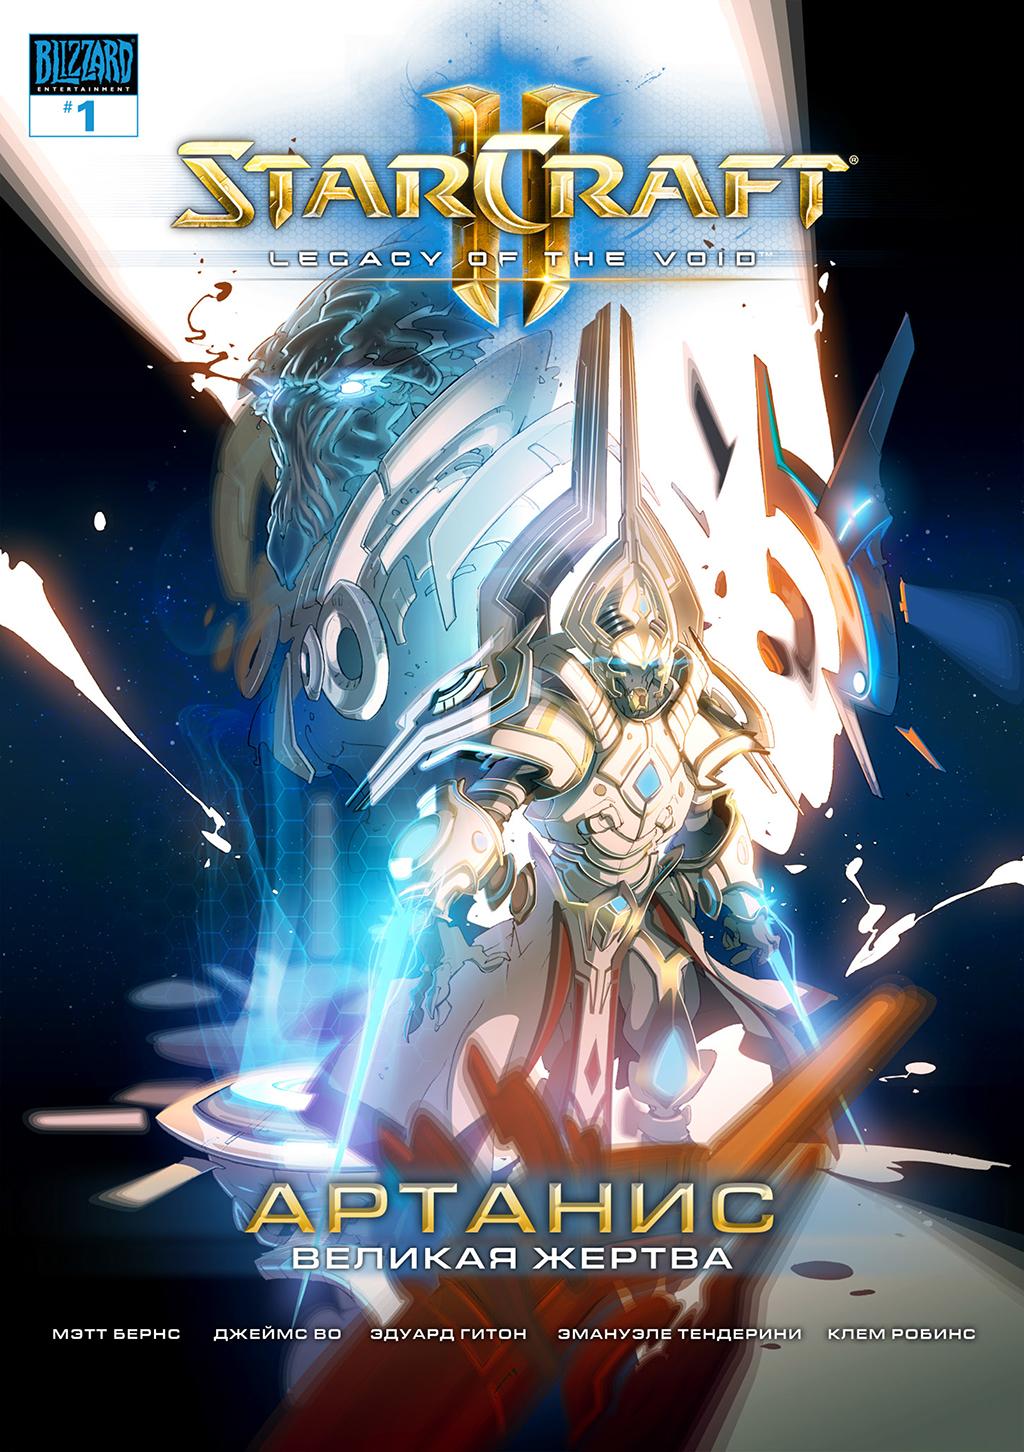 Комикс StarCraft II Артанис Великая Жертва